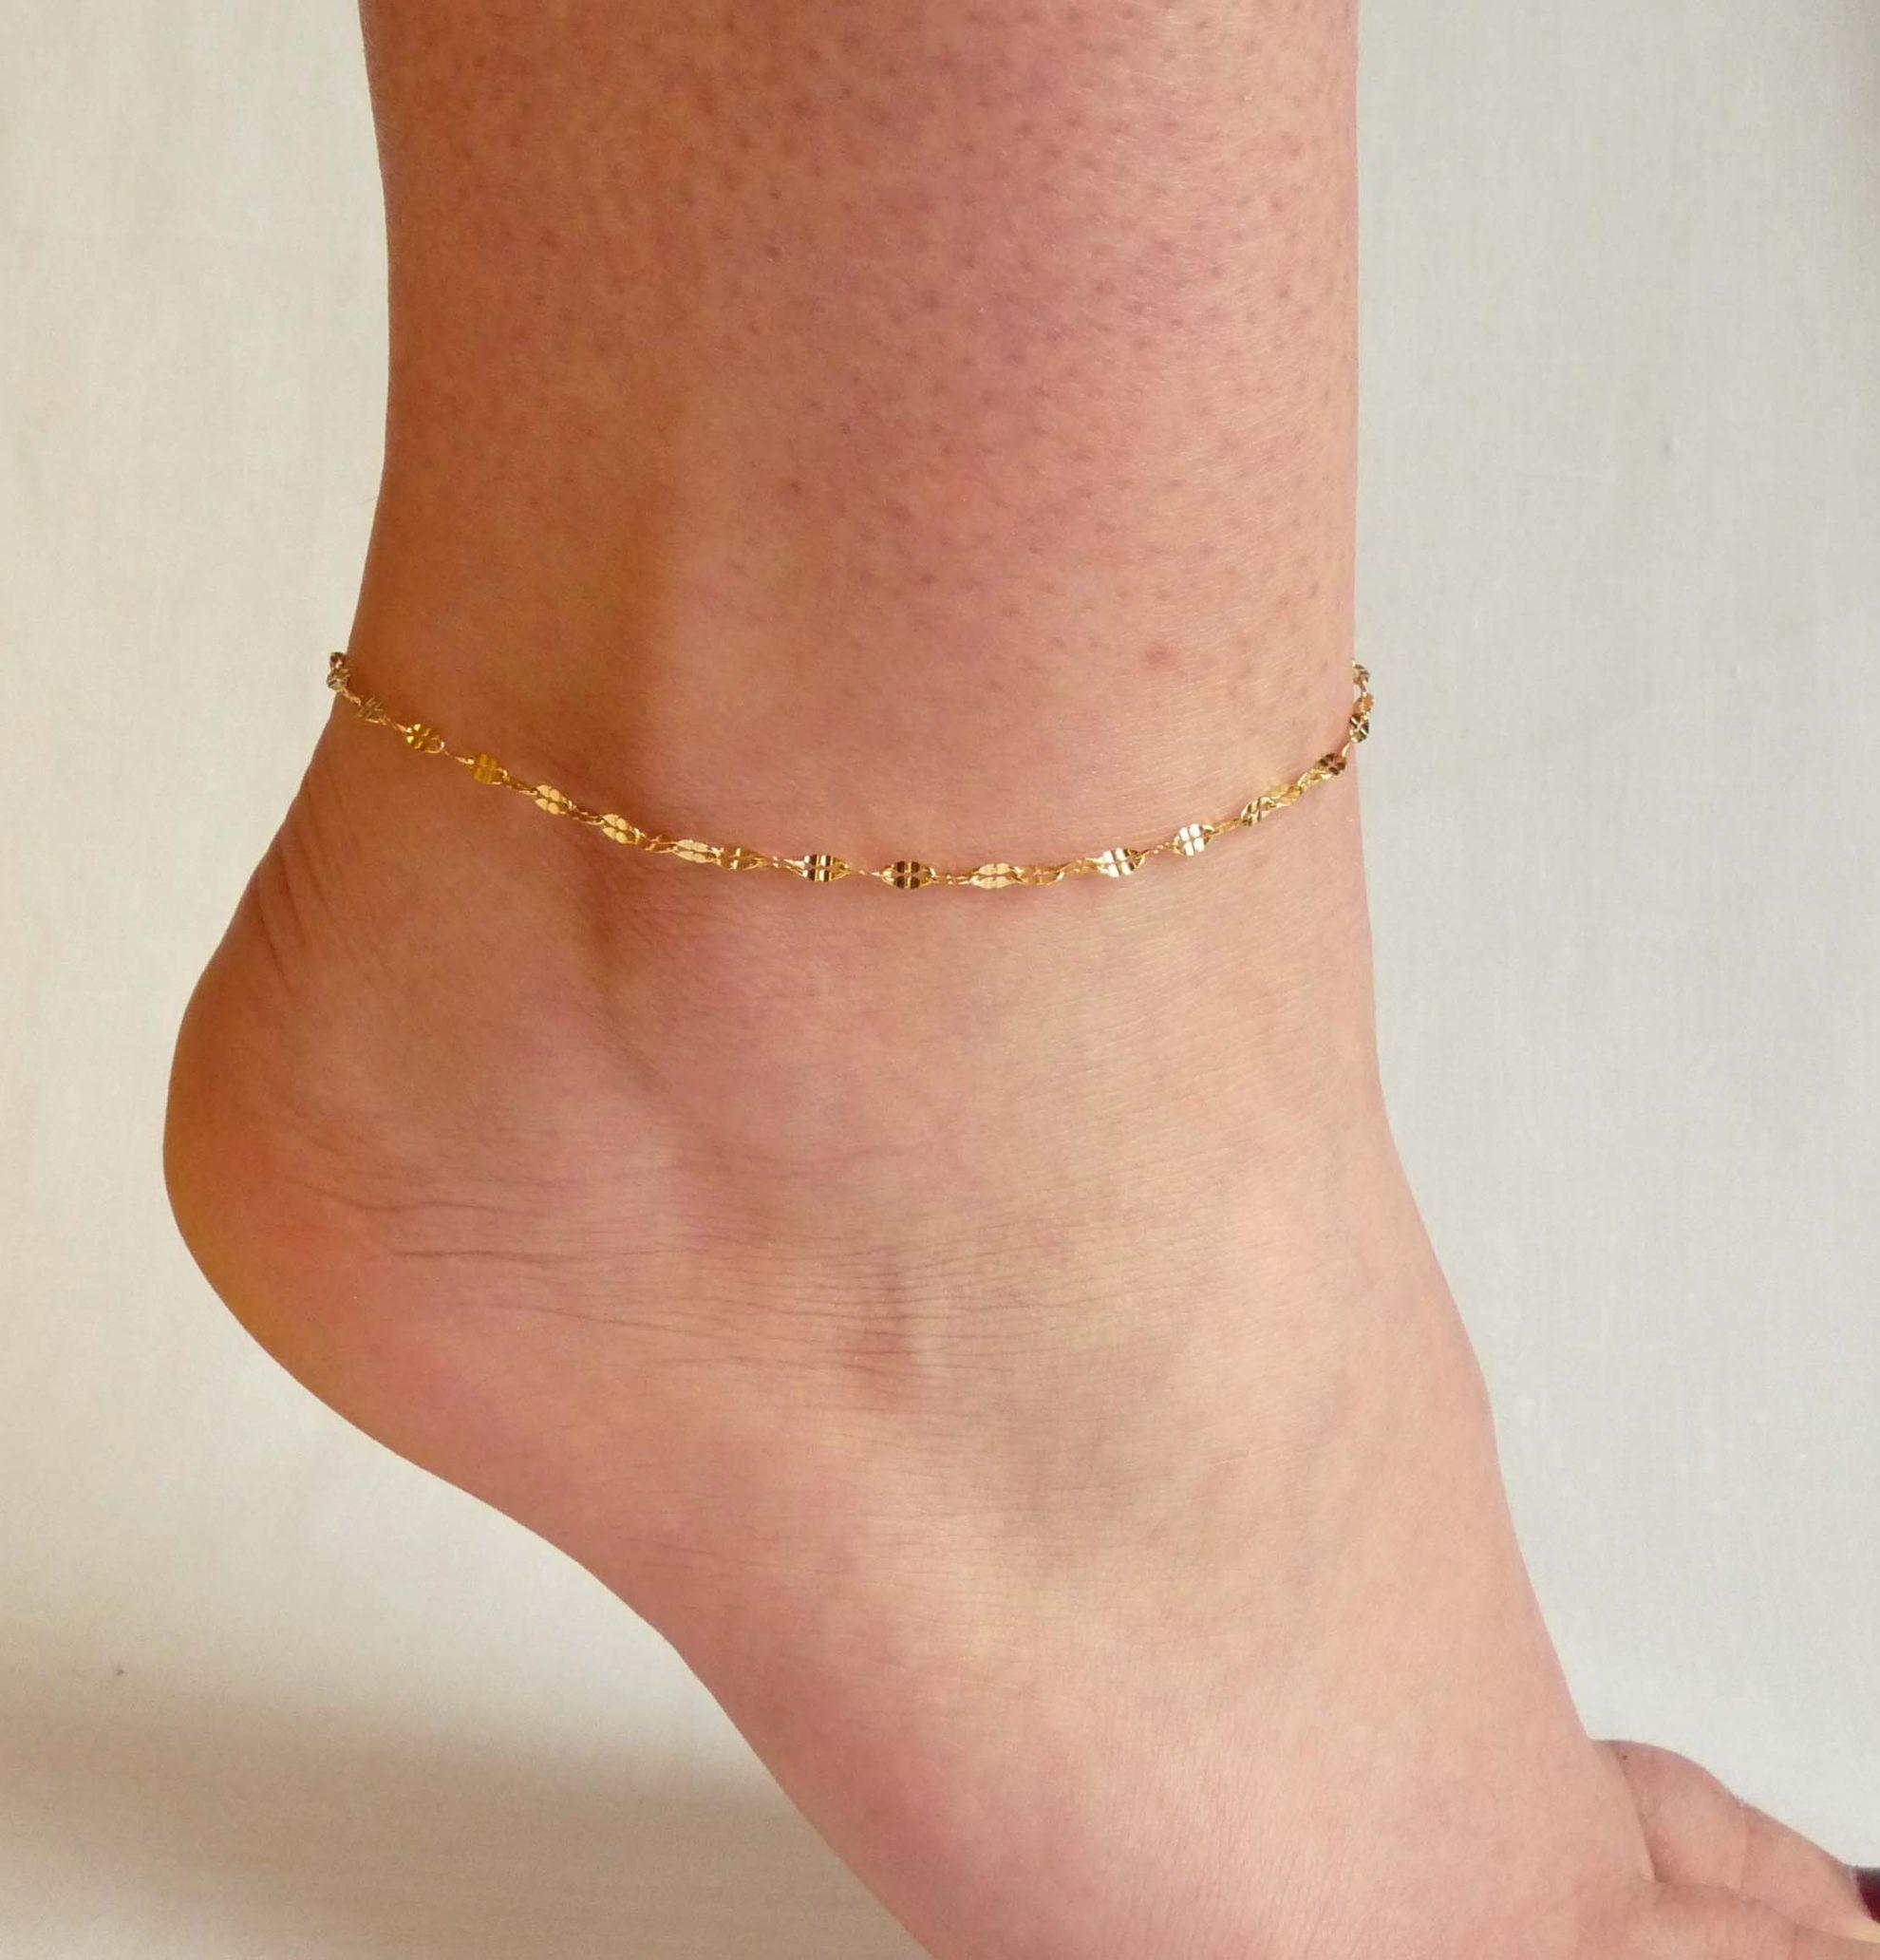 Chaîne bracelet de cheville maille imbriquée, acier inoxydable doré